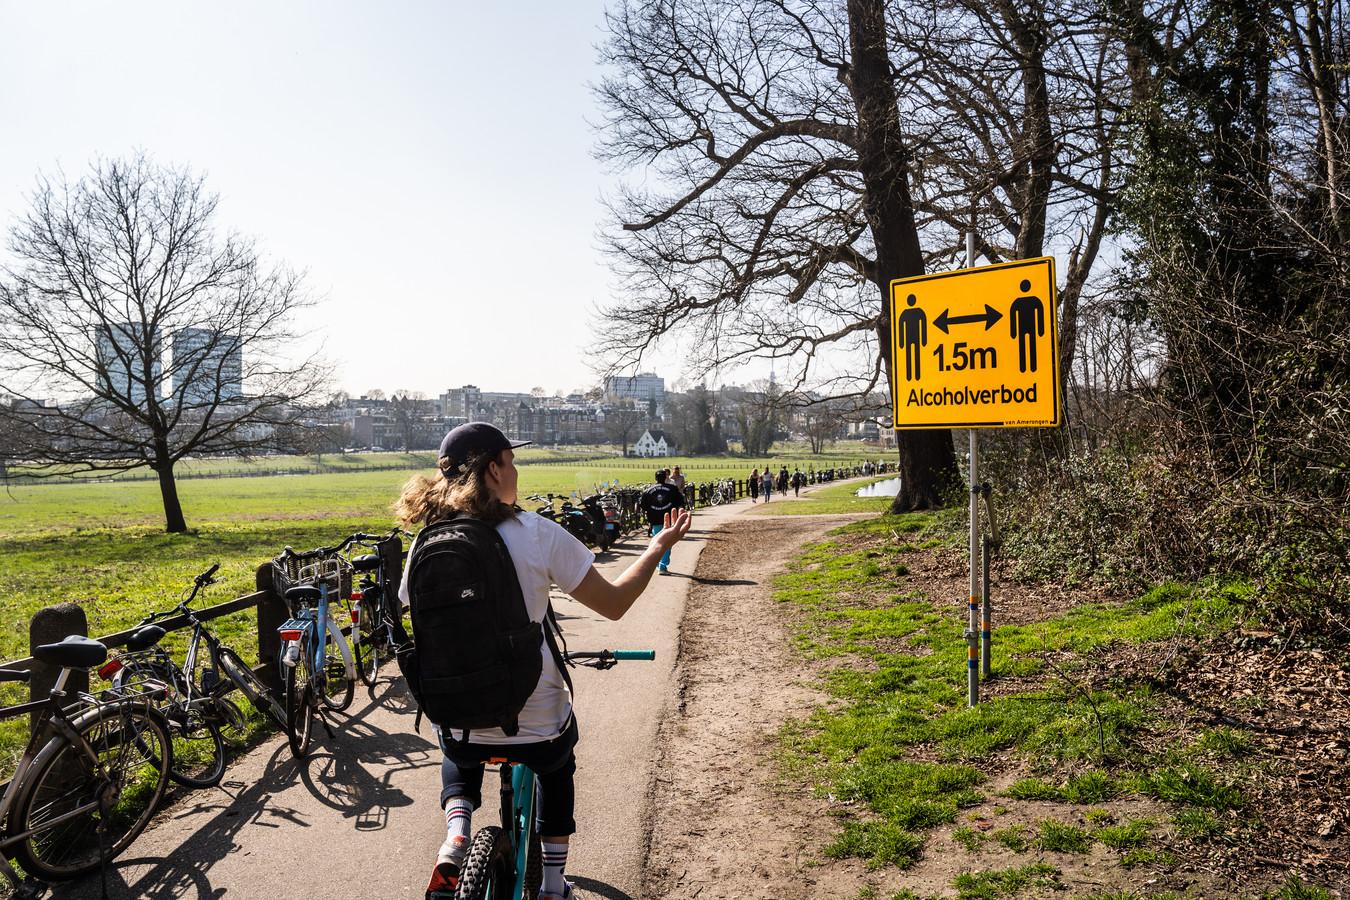 In het voorjaar werd er ook al een alcoholverbod afgekondigd in het Arnhemse Sonsbeekpark.